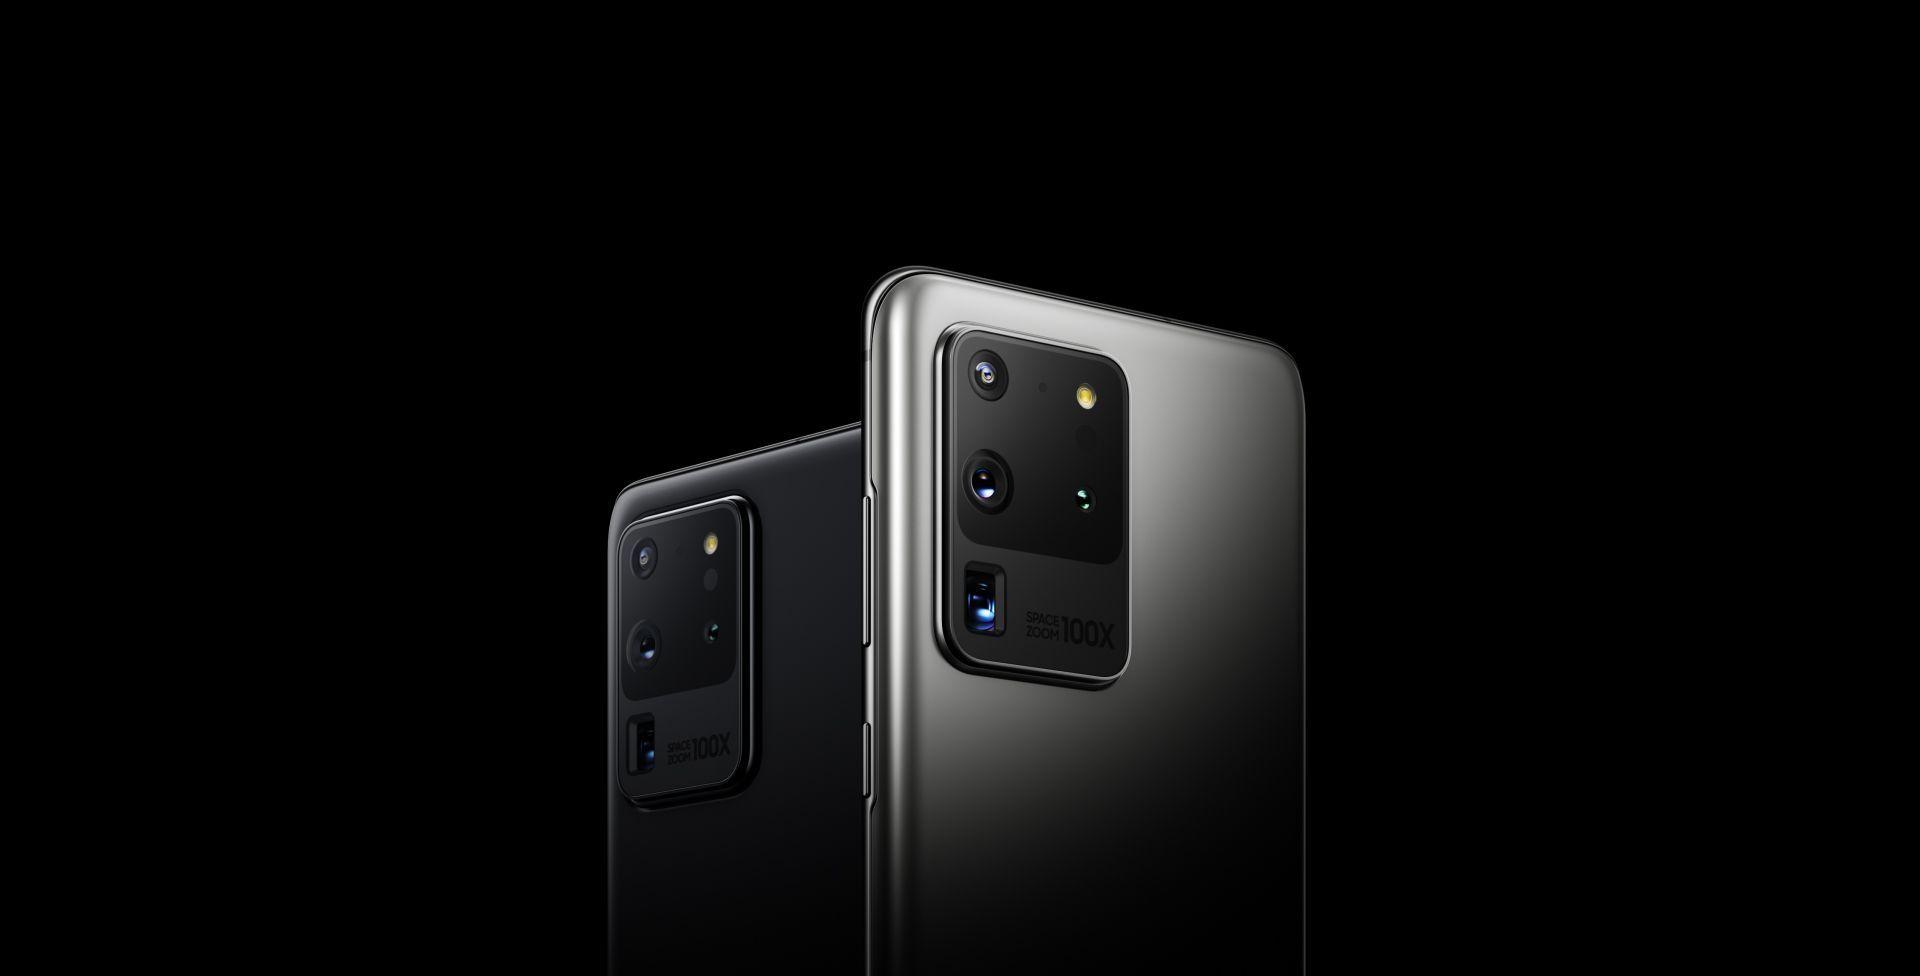 Snapdragon 875 5Gを搭載したGalaxy S21+がGeekbenchに登場